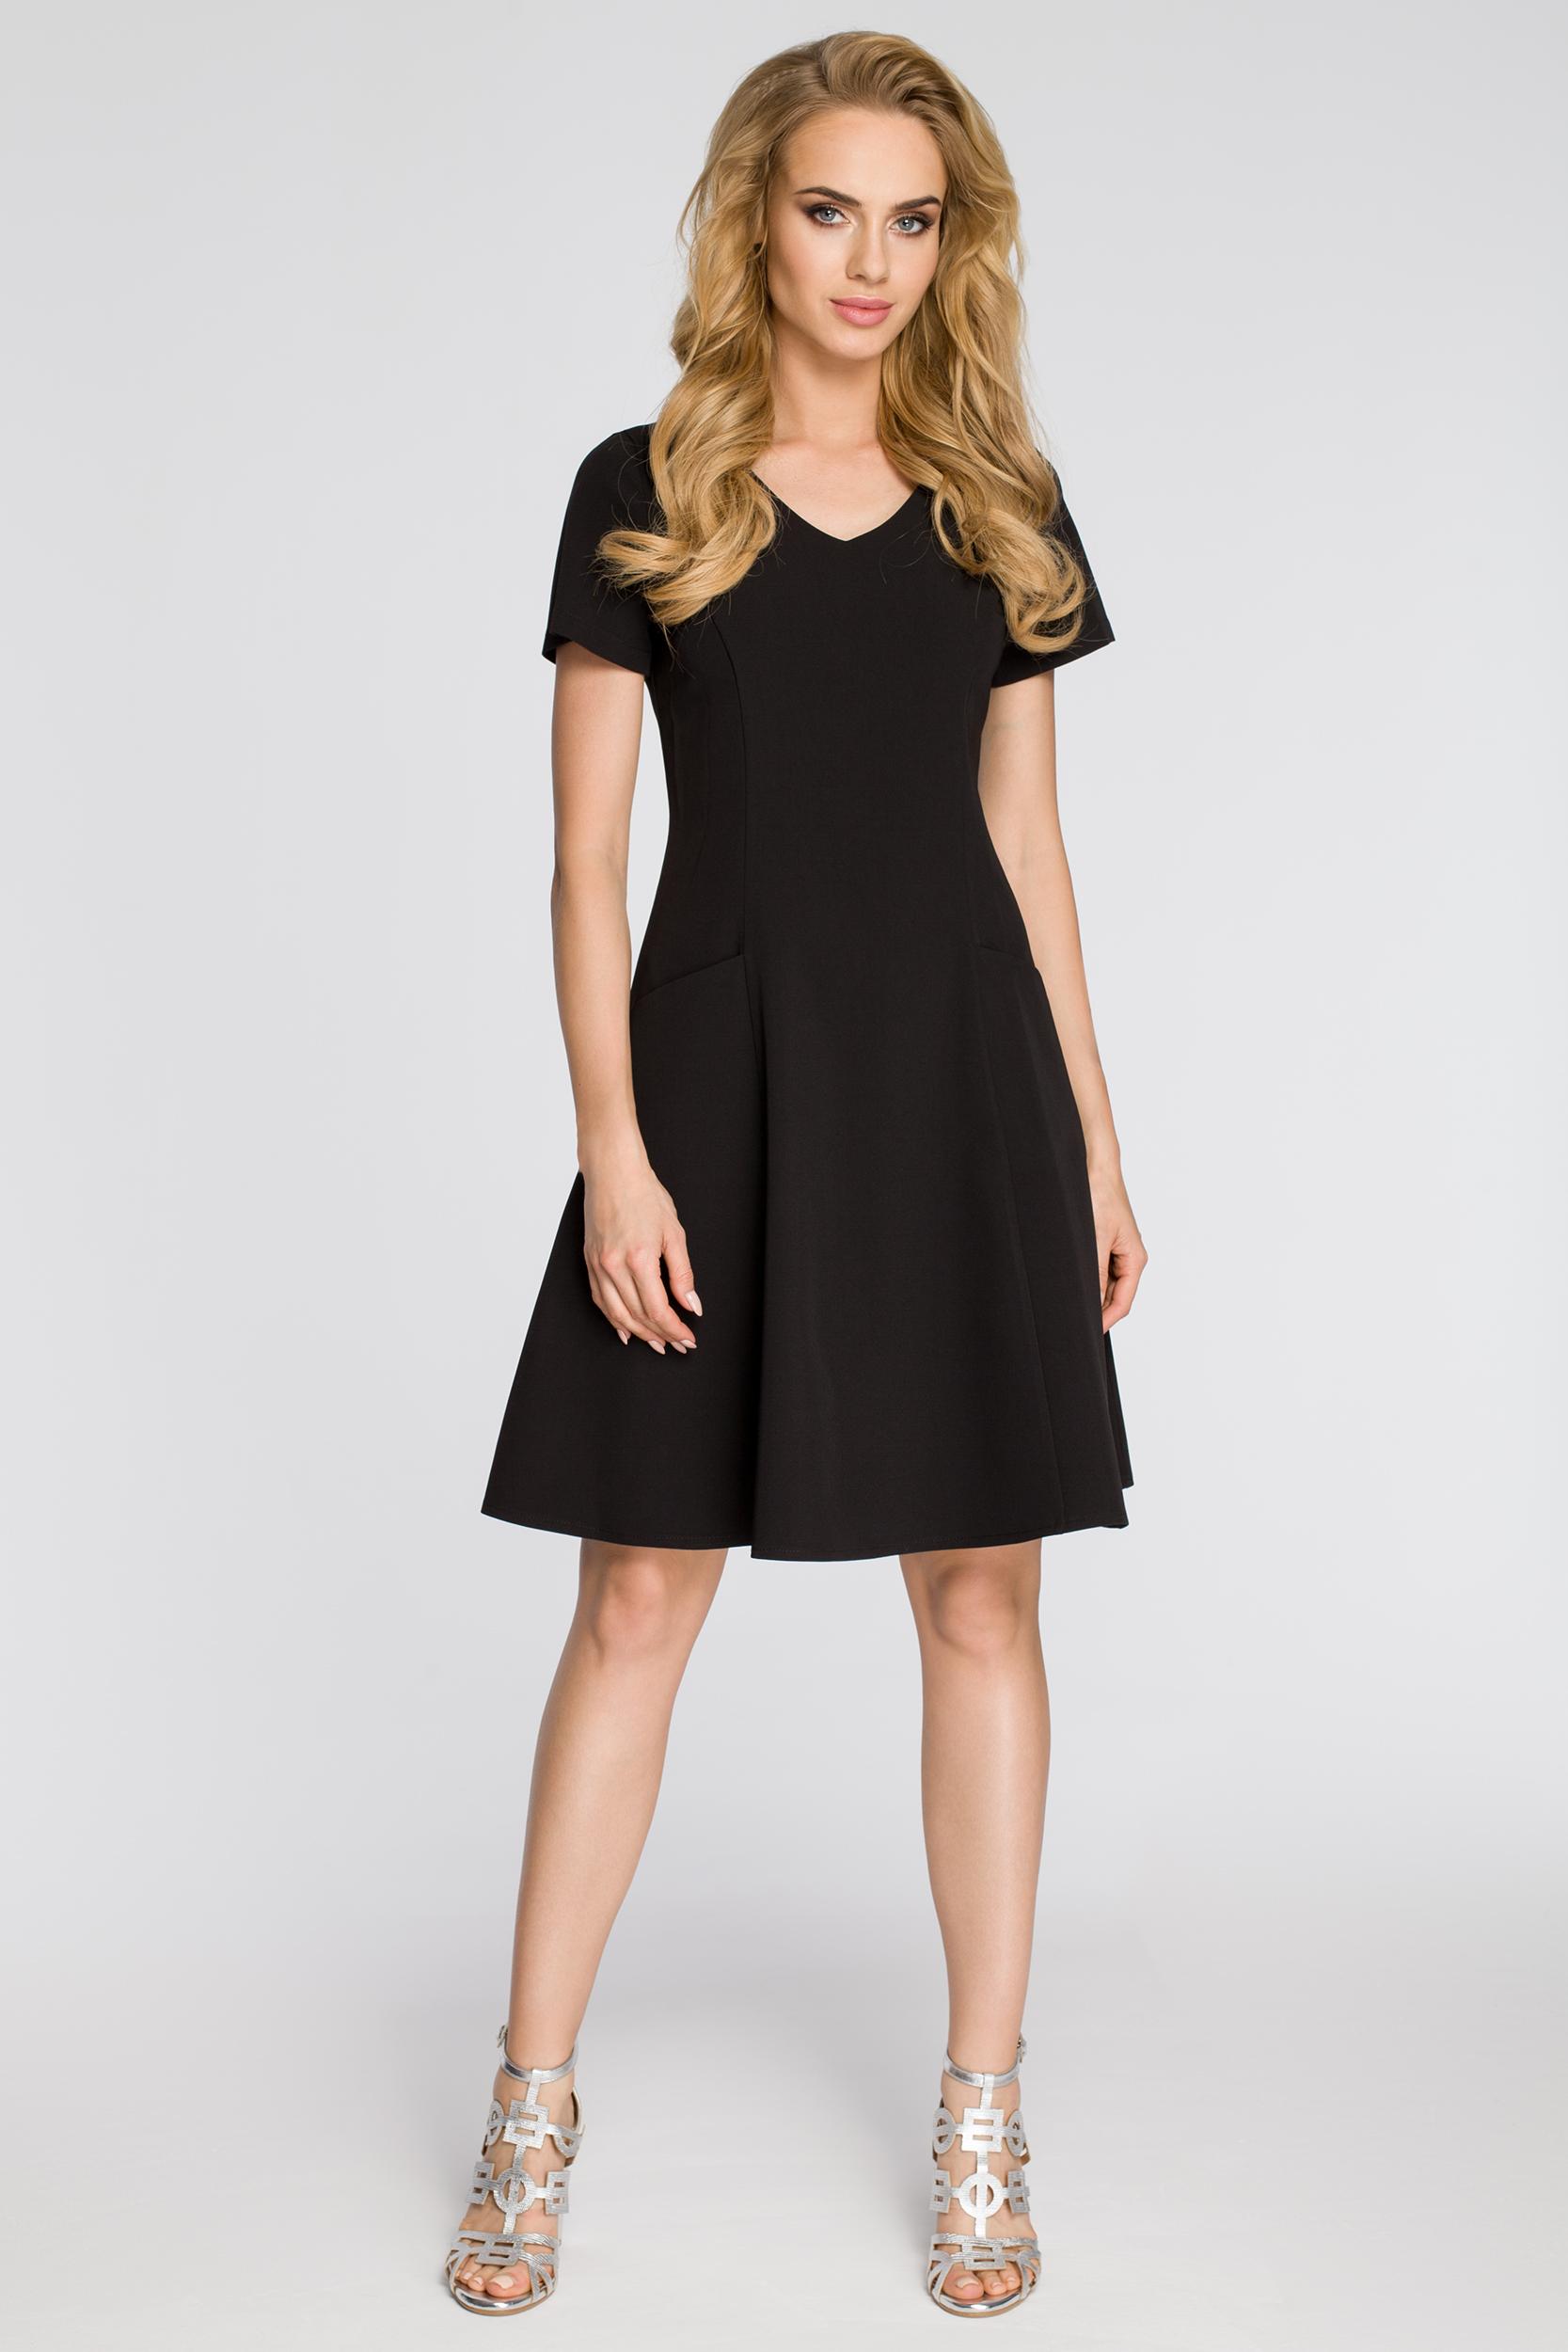 CM2348 Dopasowana sukienka z rozkloszowanym dołem - czarna